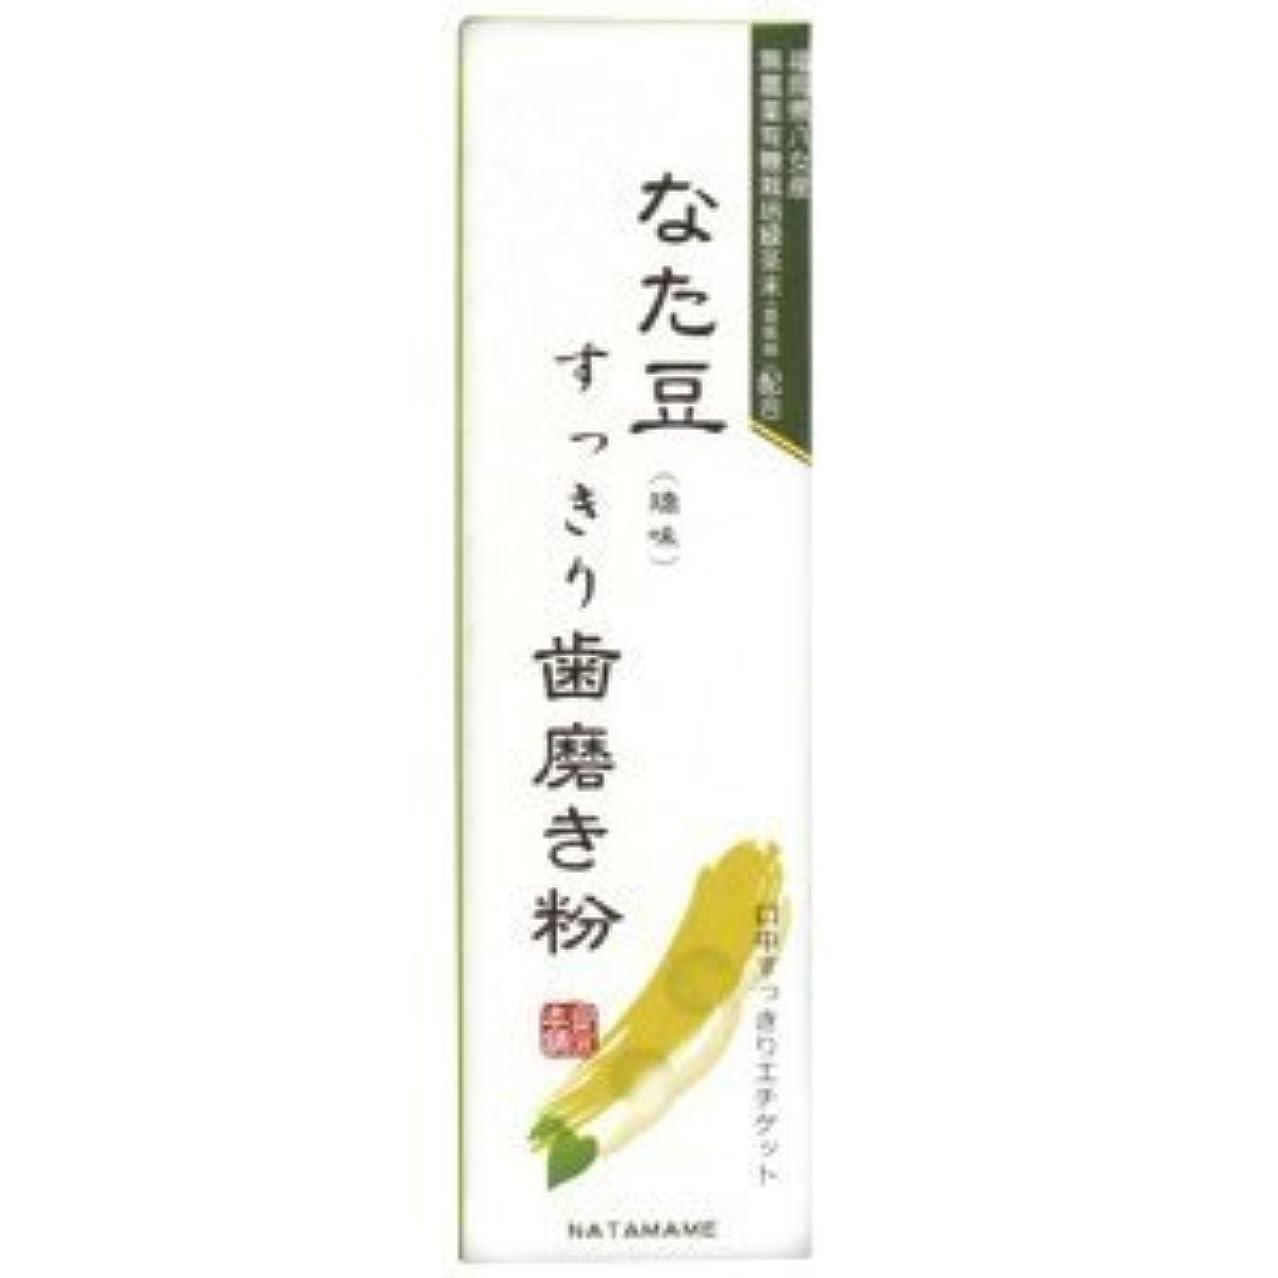 なた豆すっきり歯磨き粉(120g)2本セット